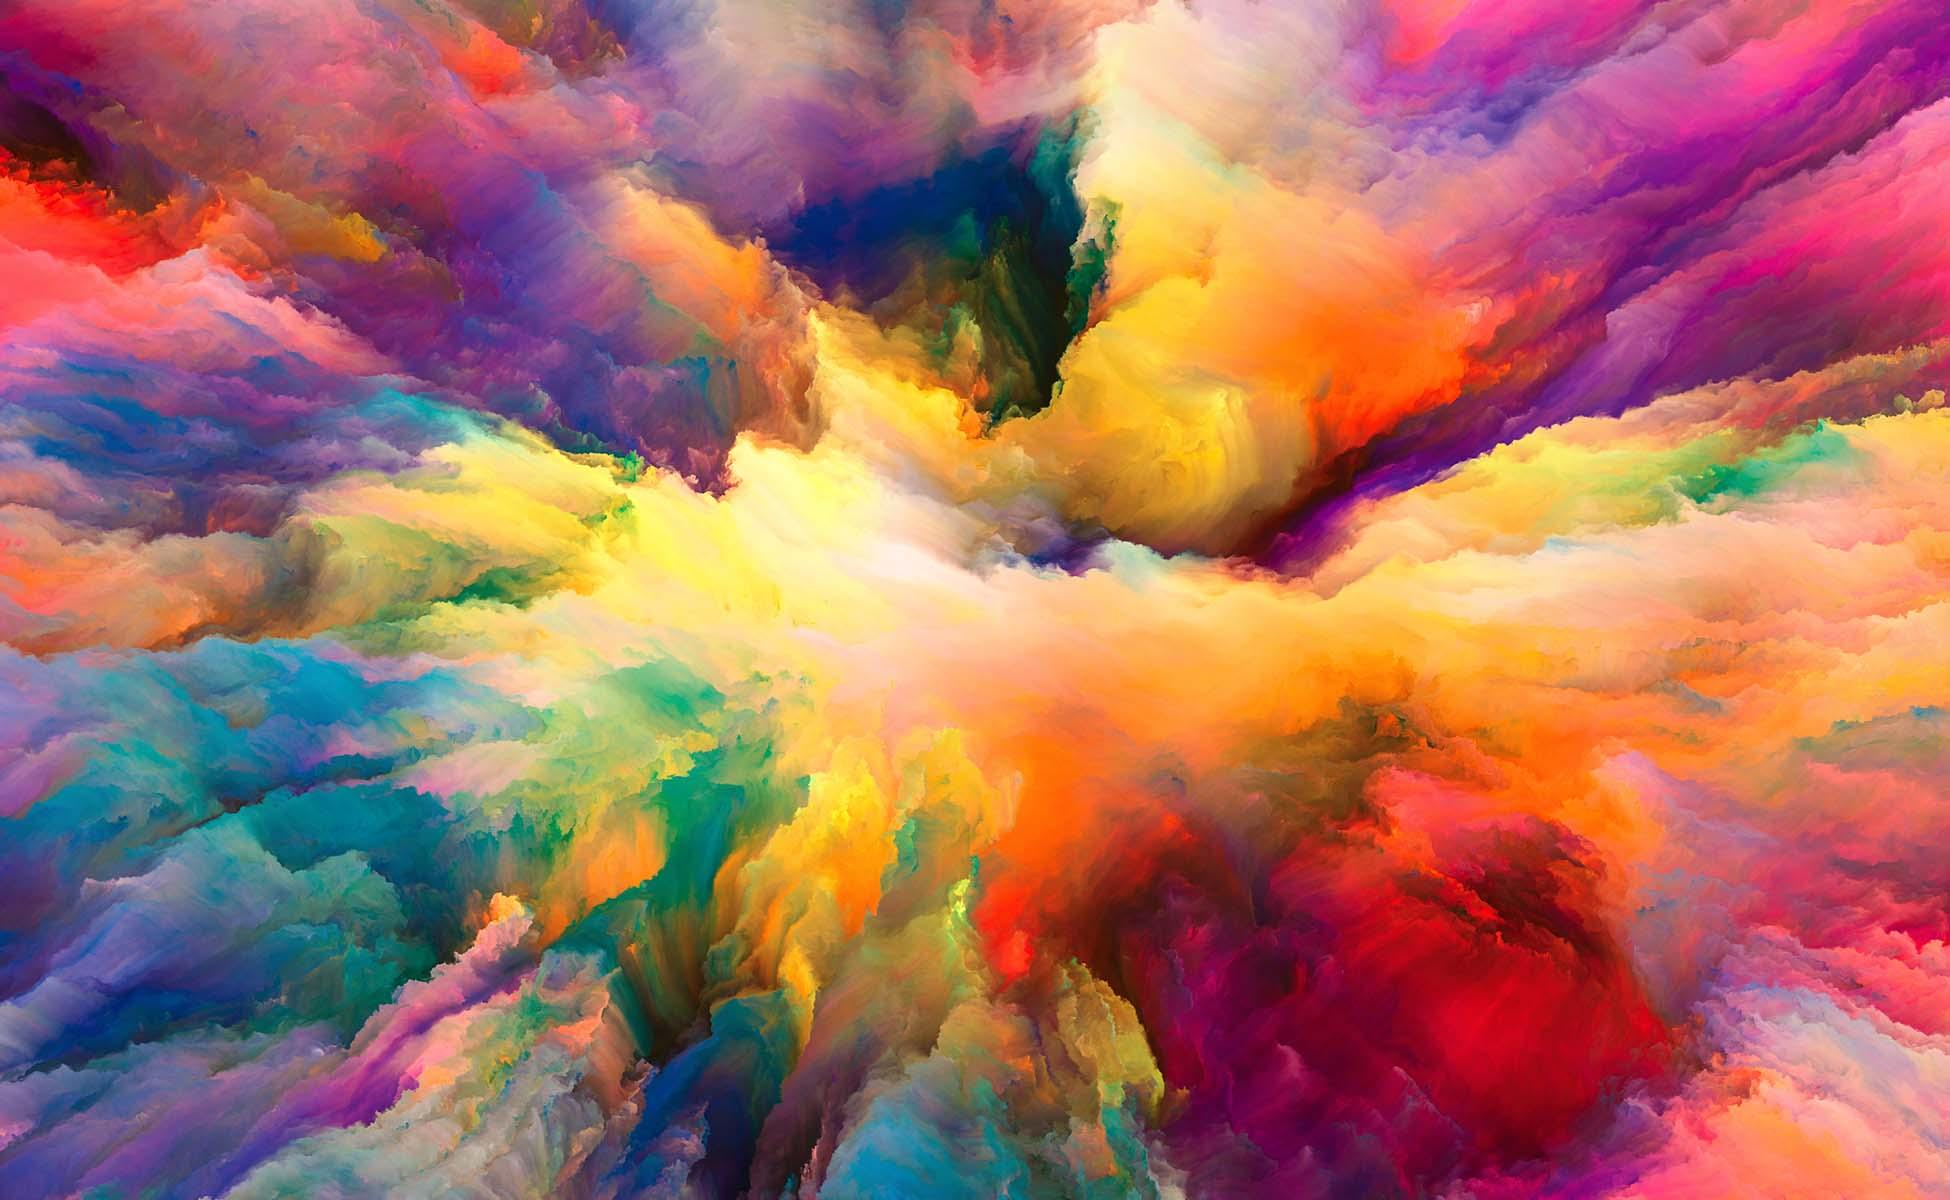 akvarel af alle regnbuens farver i en stor sløret blanding